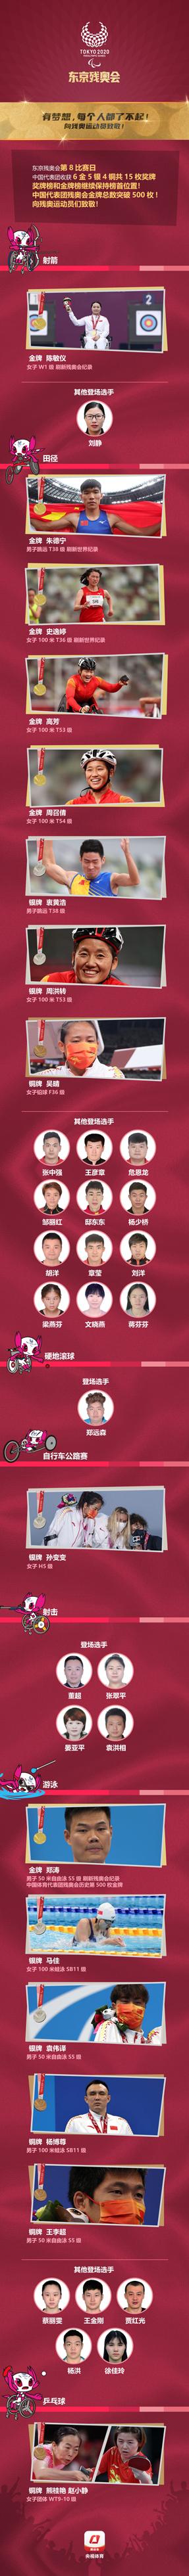 中国代表团残奥会金牌总数突破500枚!第8比赛日收获6金5银4铜